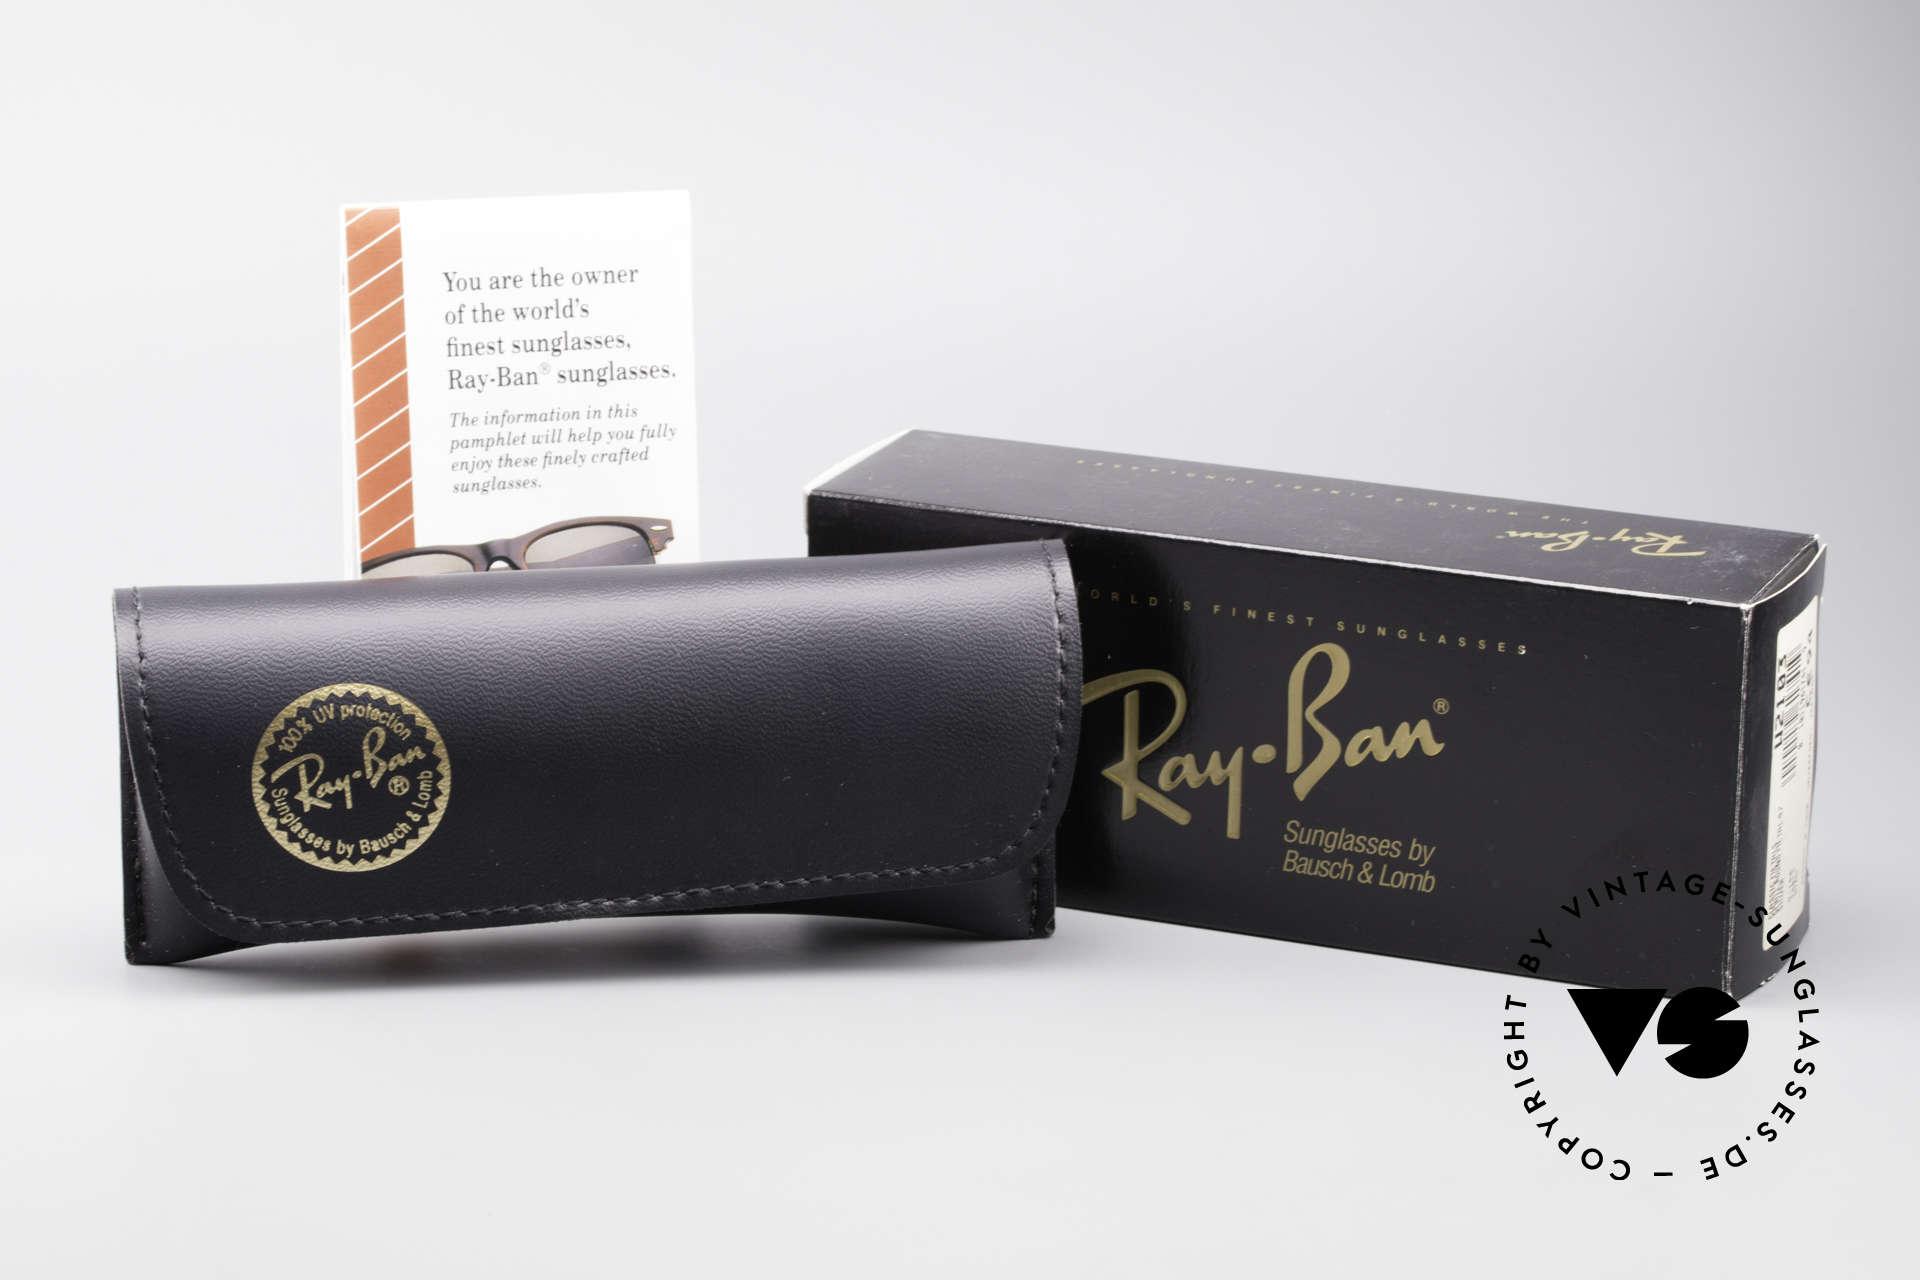 Sunglasses Ray Ban Gatsby Style 4 B&L Bausch Lomb USA